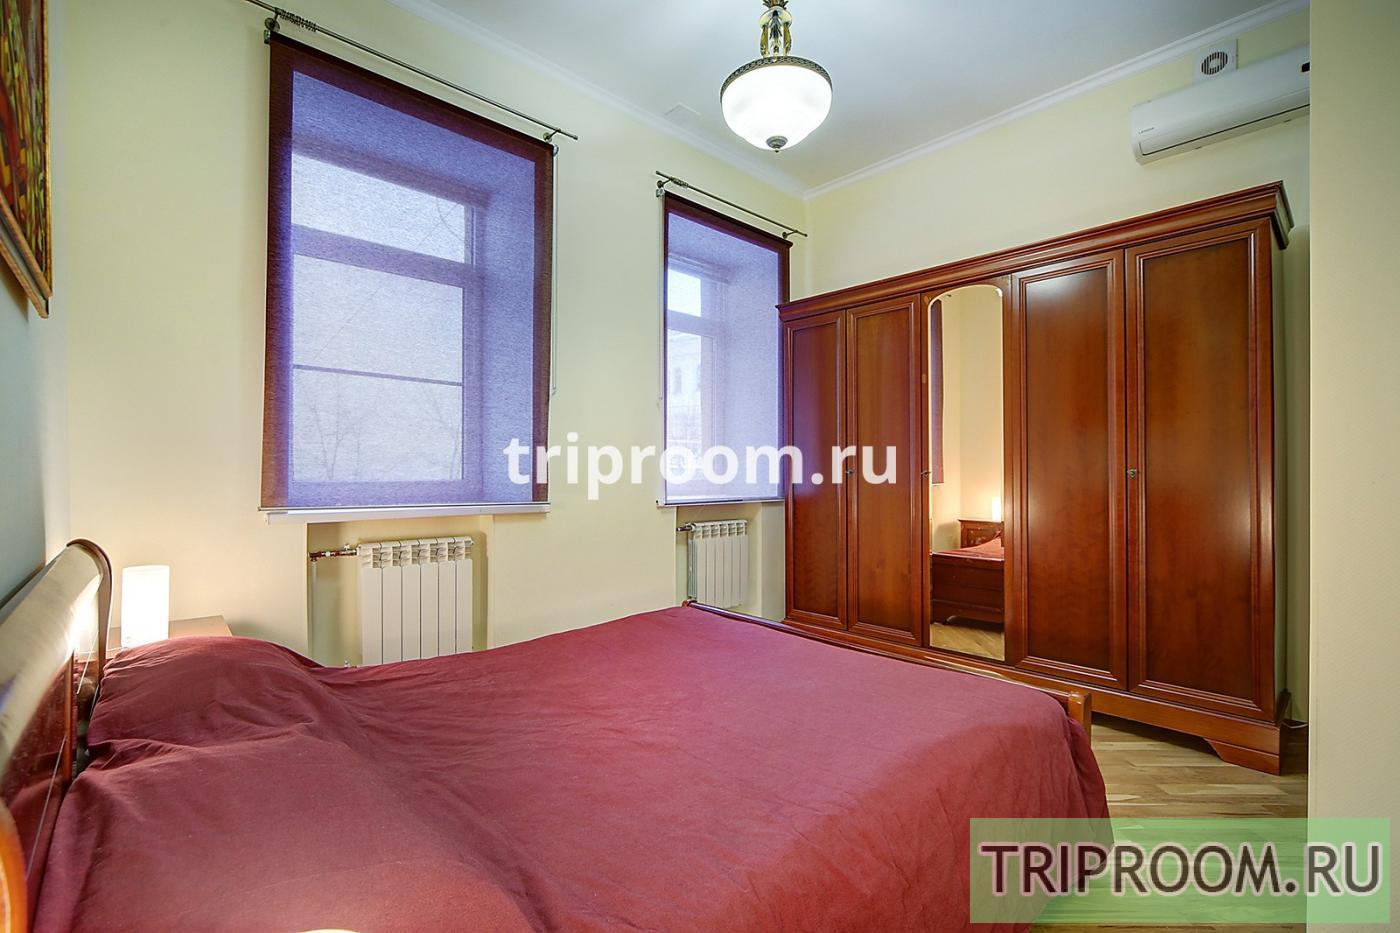 2-комнатная квартира посуточно (вариант № 15116), ул. Большая Конюшенная улица, фото № 11